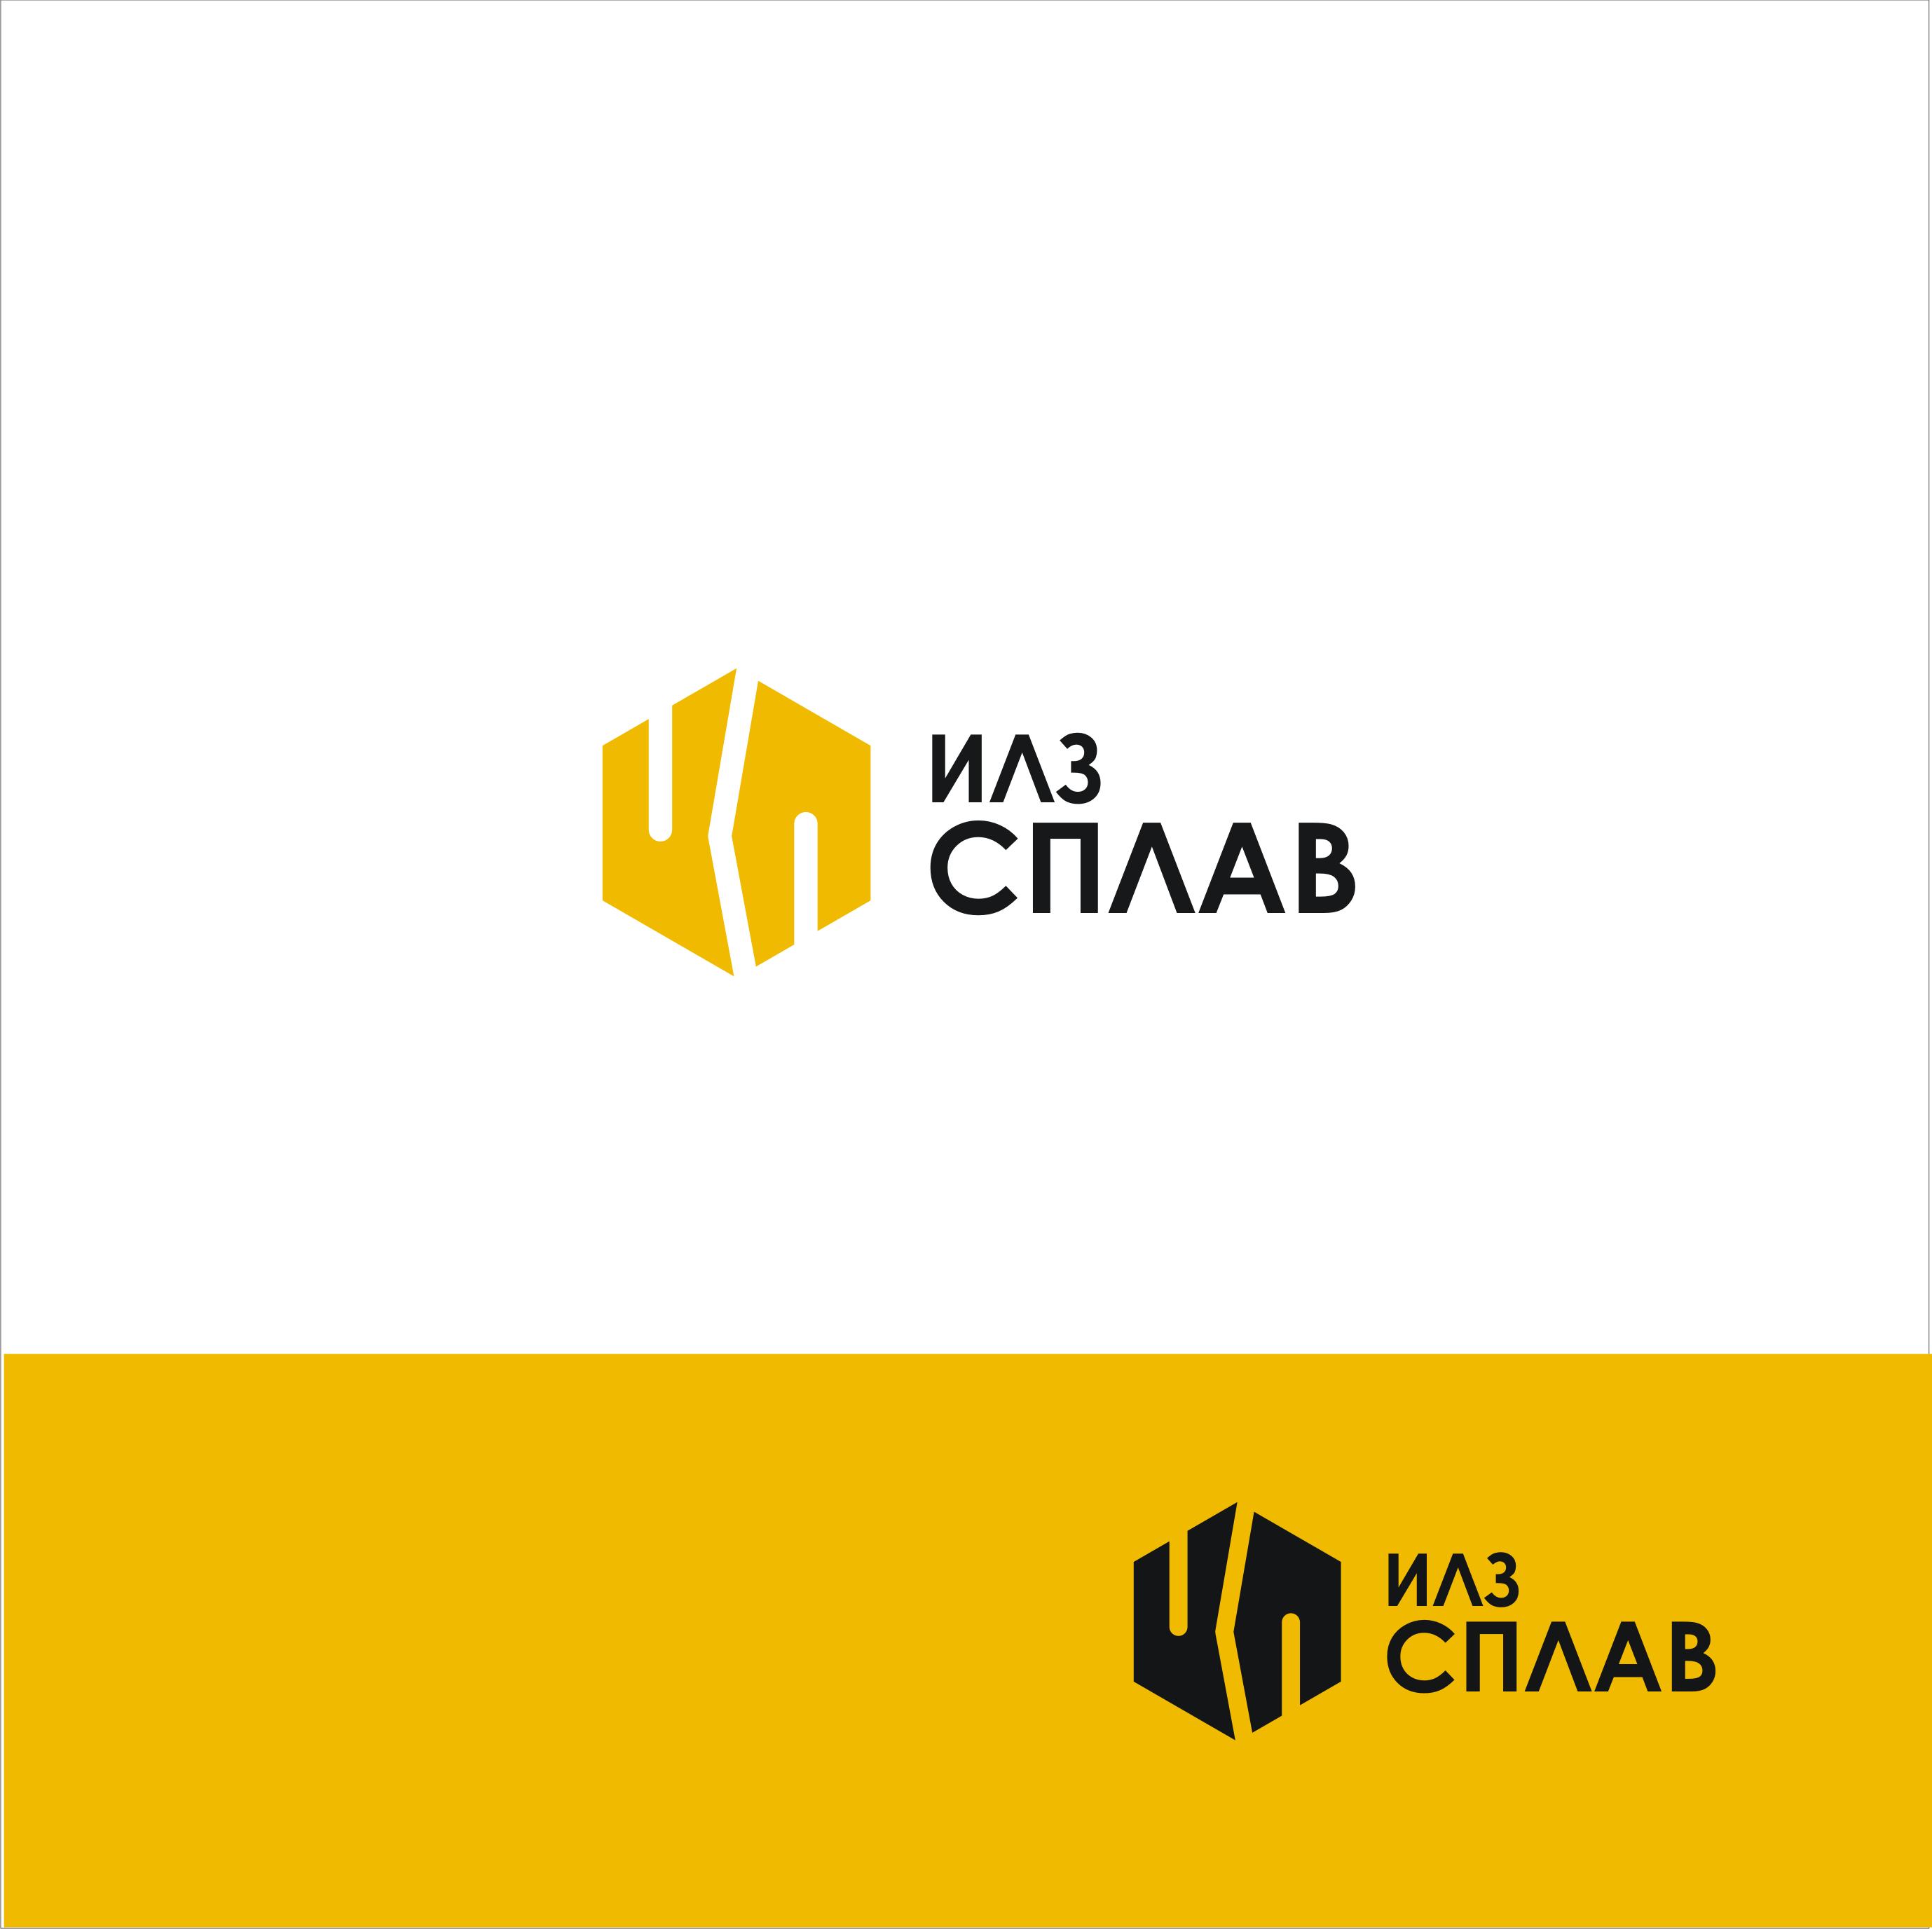 Разработать логотип для литейного завода фото f_8215afa9e086d435.png